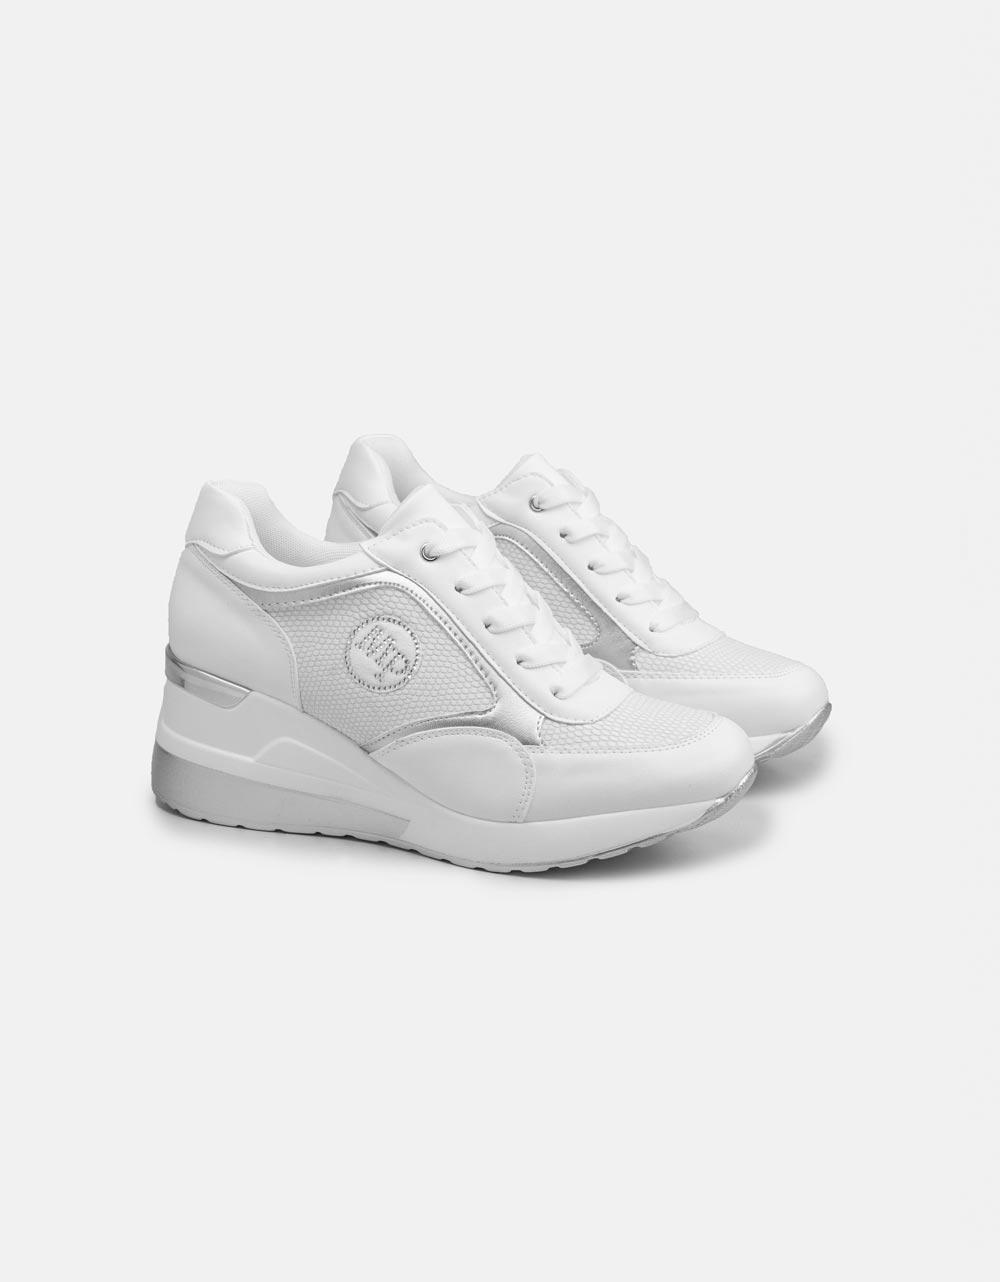 Εικόνα από Γυναικεία sneakers με τακούνι και μεταλλική λεπτομέρεια Λευκό